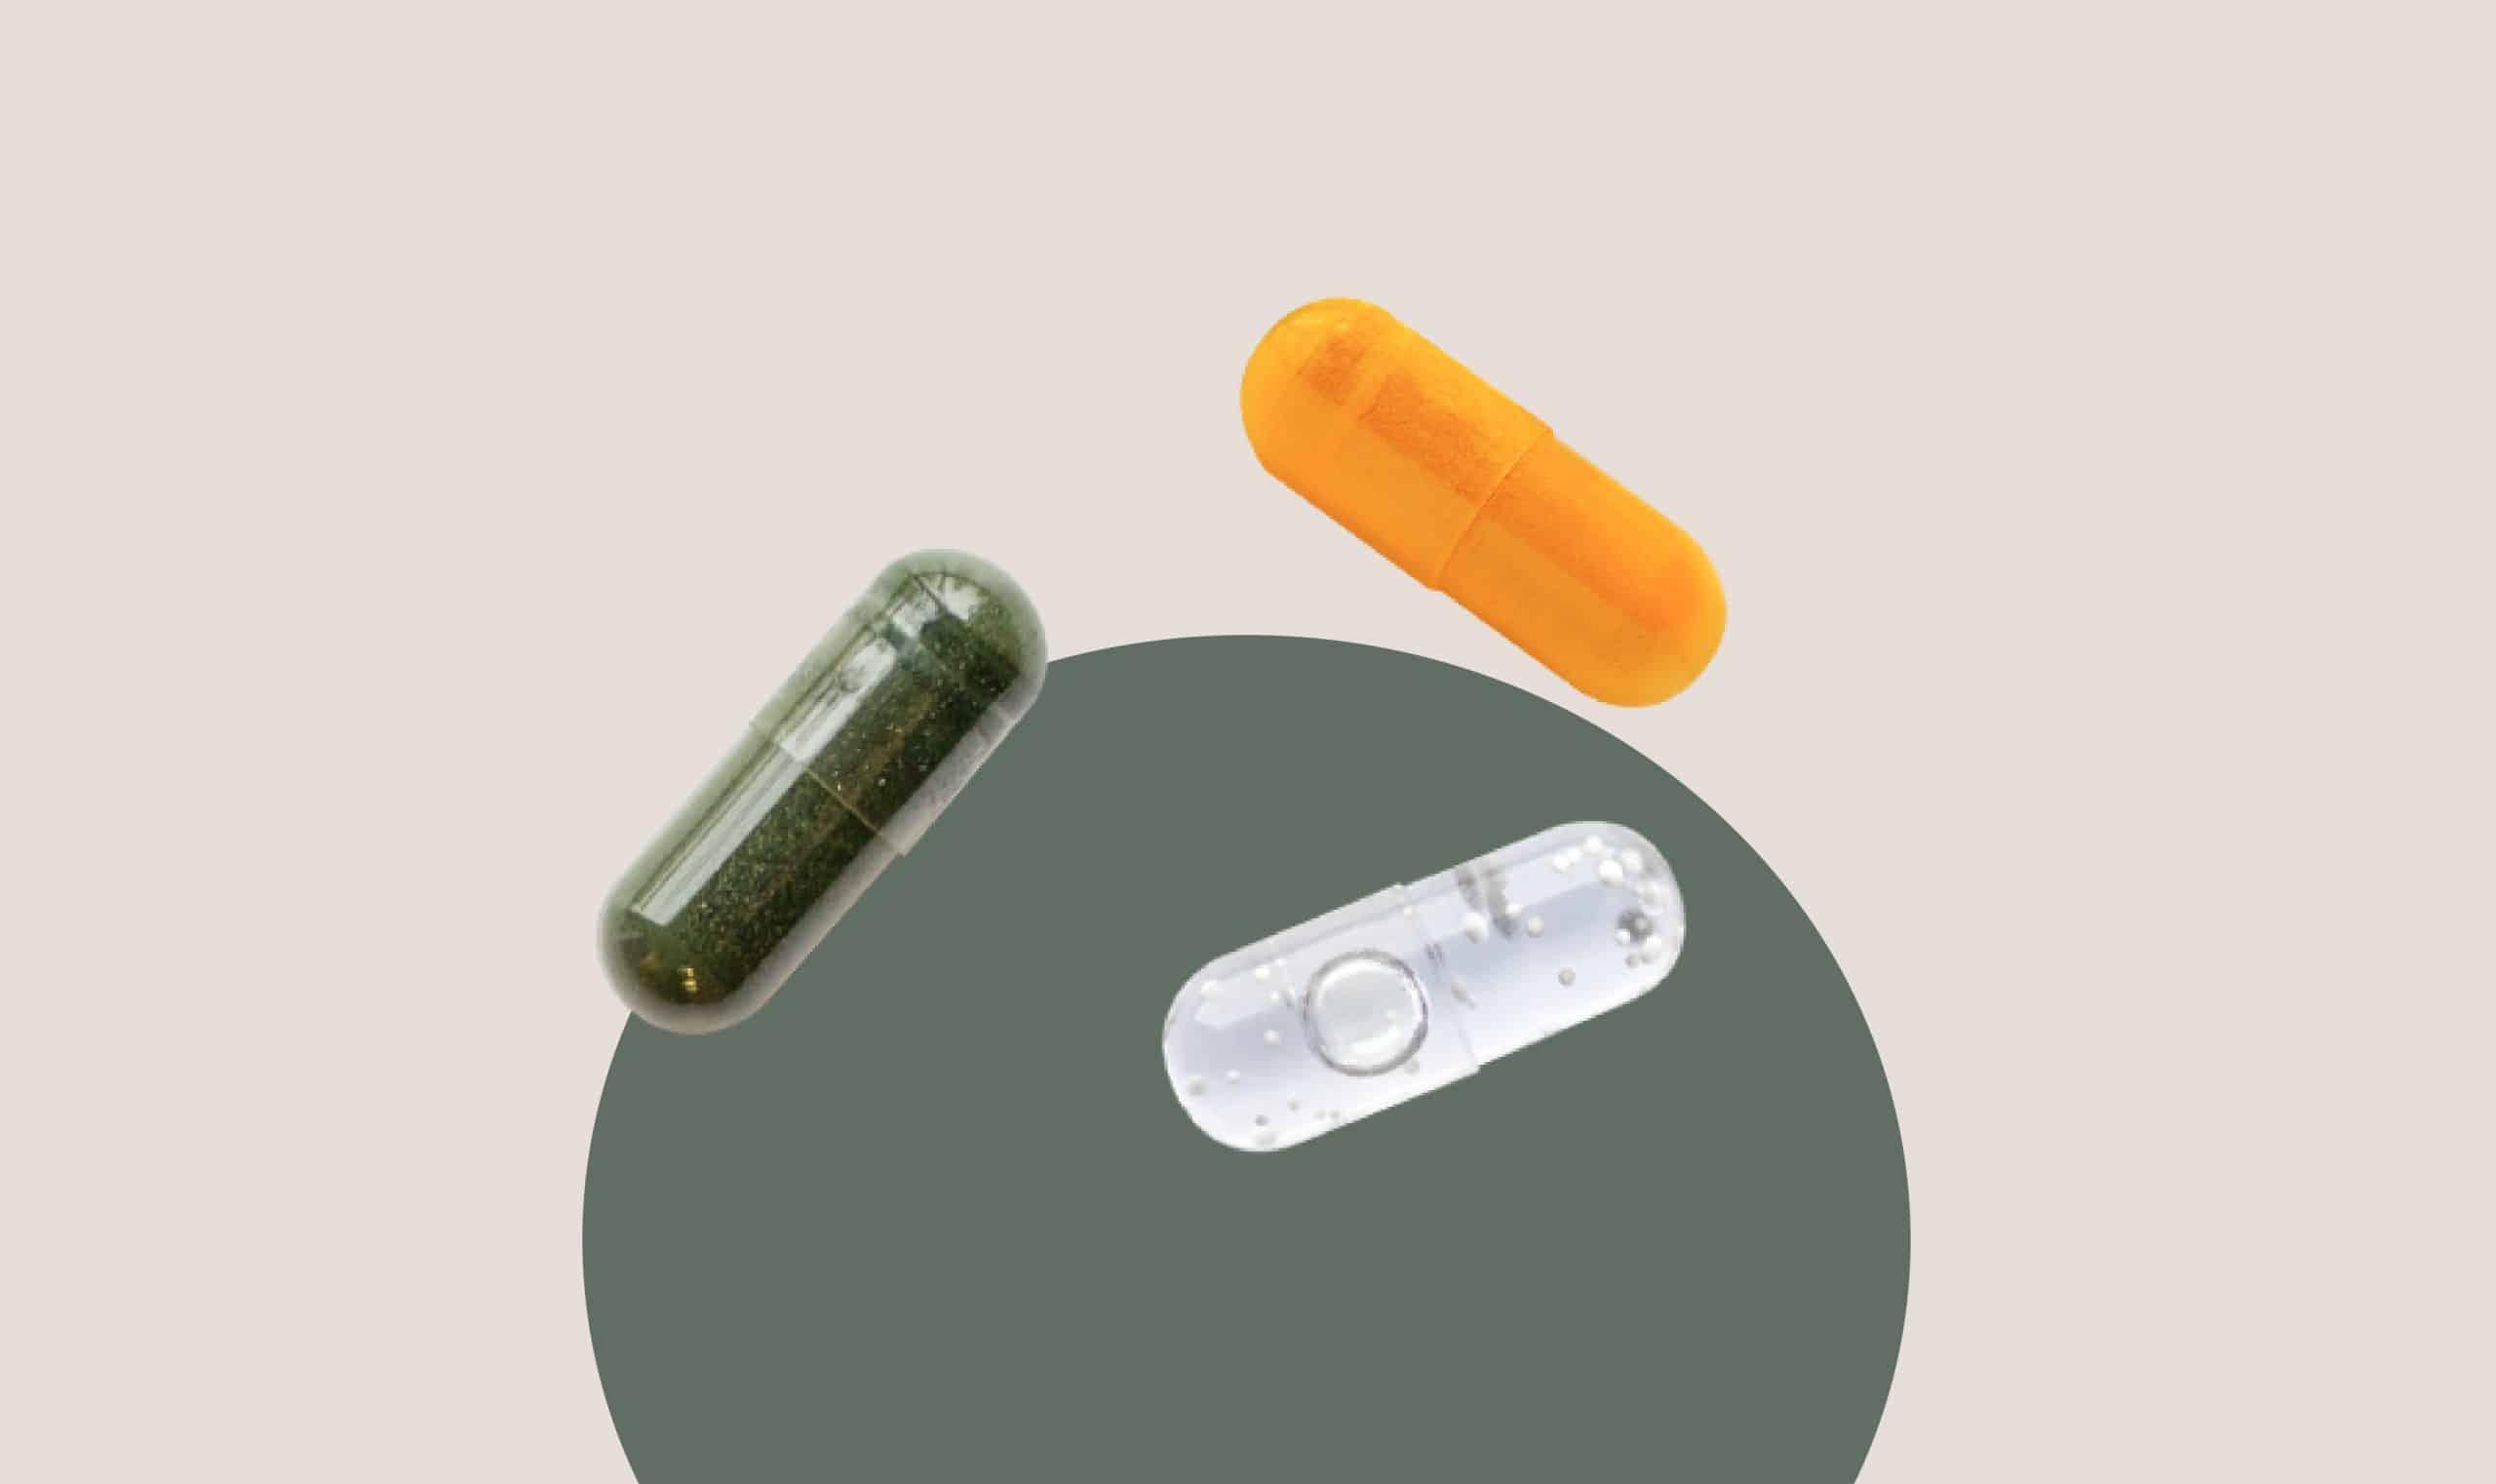 Calcium pills of different colors